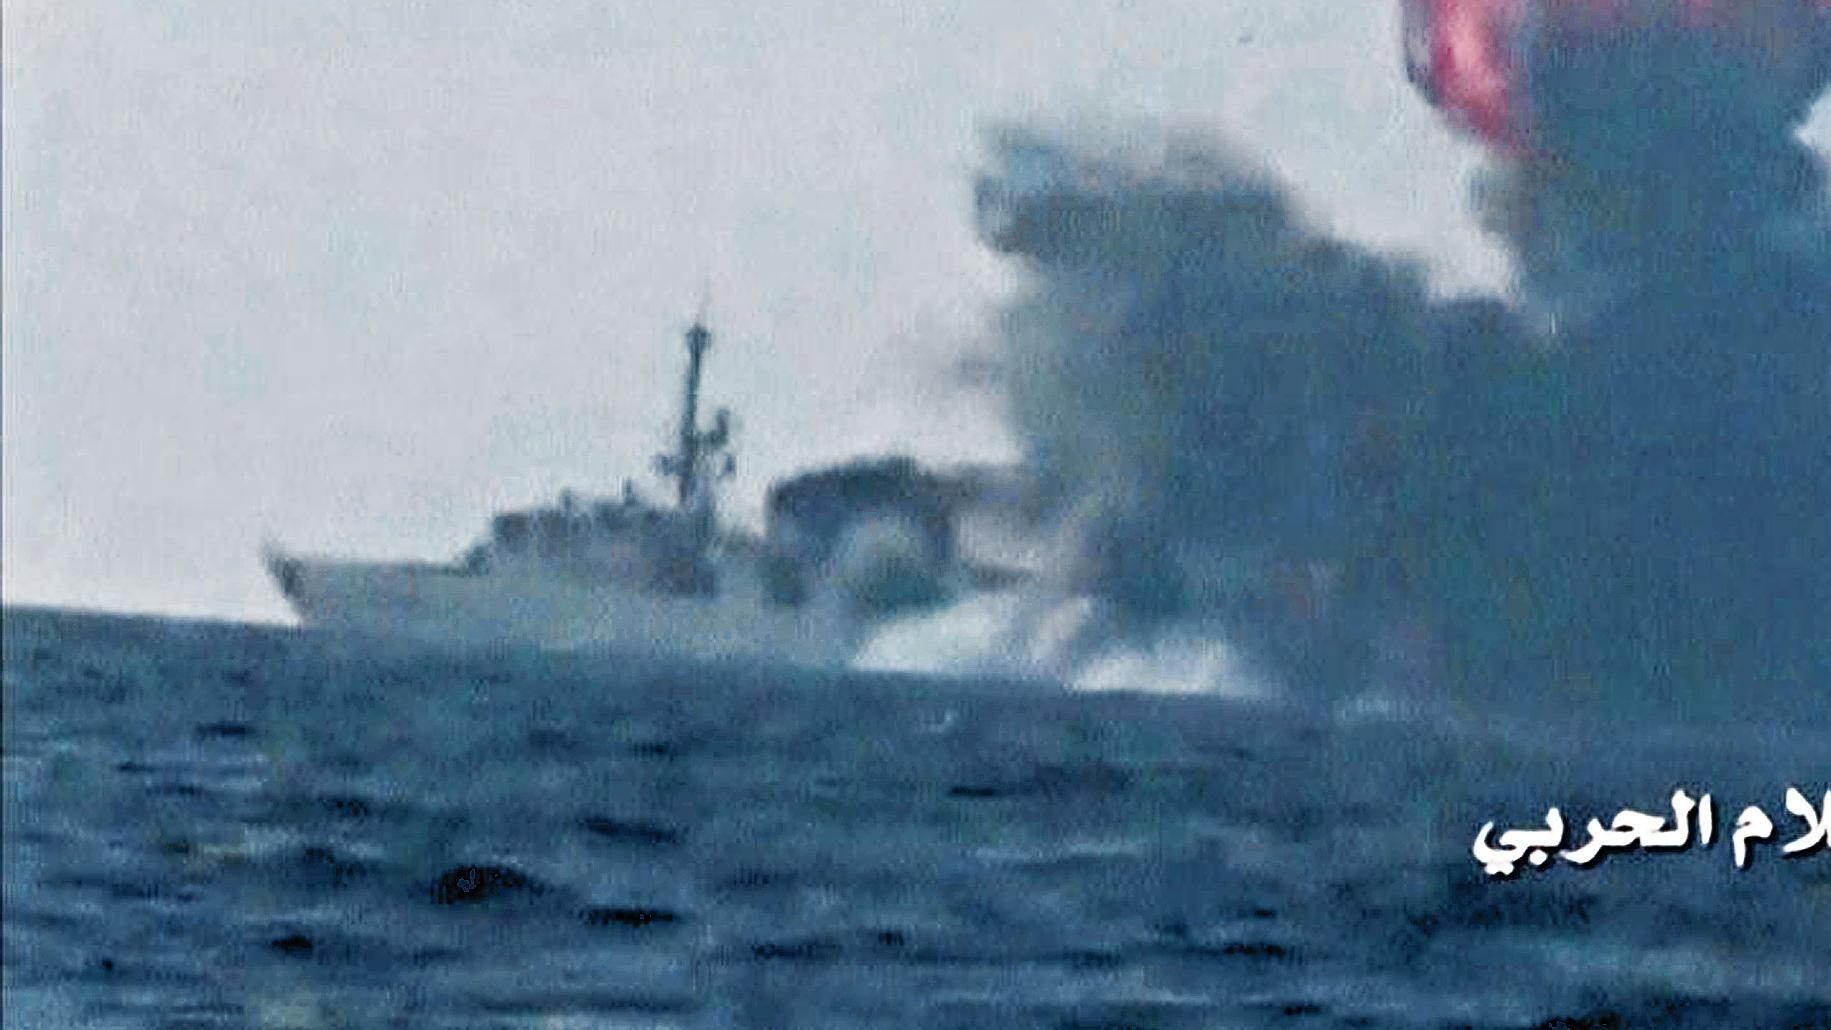 المخاوف تشمل التكتيكات البحرية التي نفّذتها الجماعة قبالة السواحل اليمنيّة